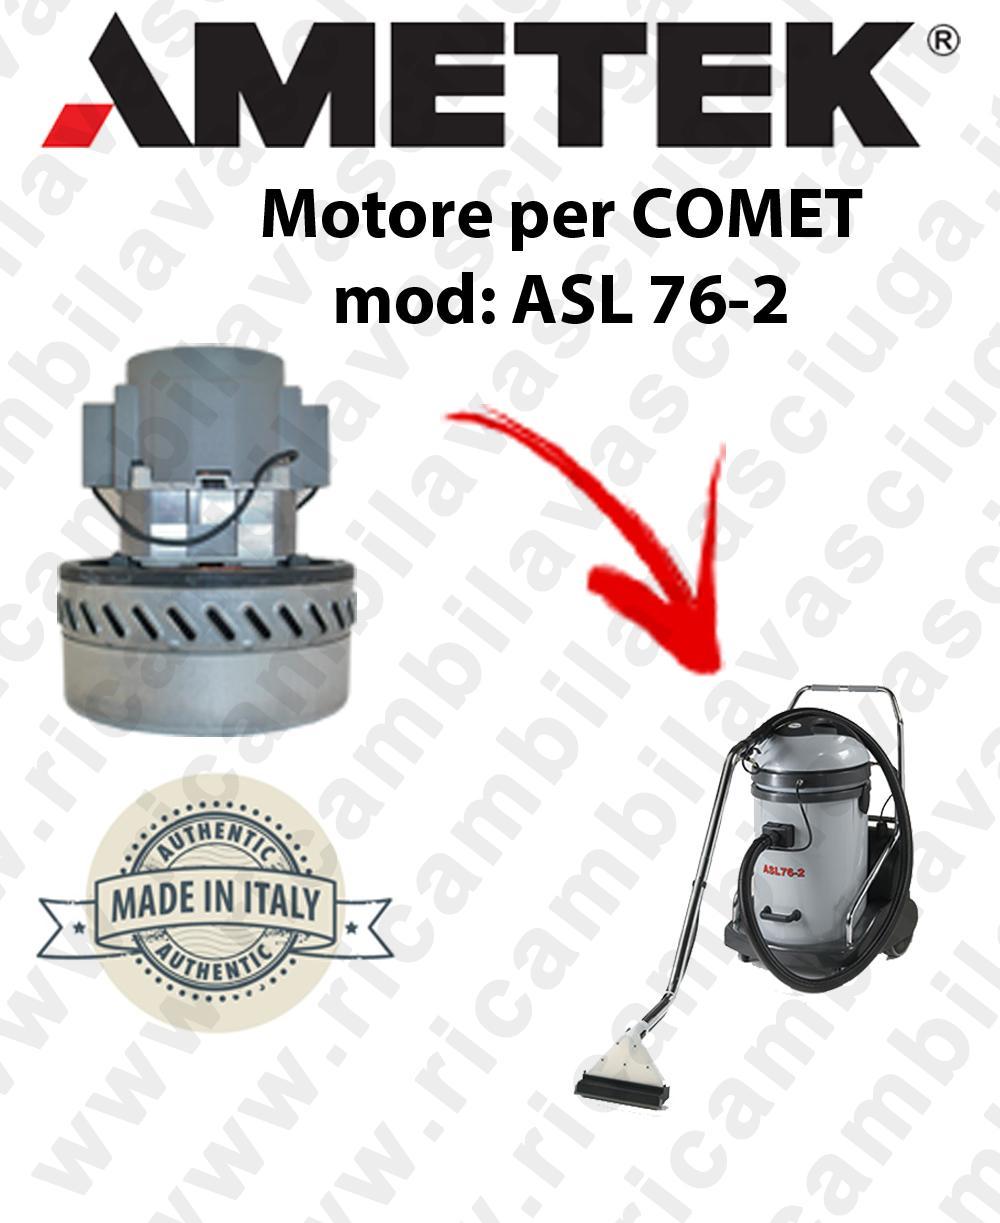 ASL 76-2 Motore aspirazione  AMETEK ITALIA per aspiraliquidi COMET